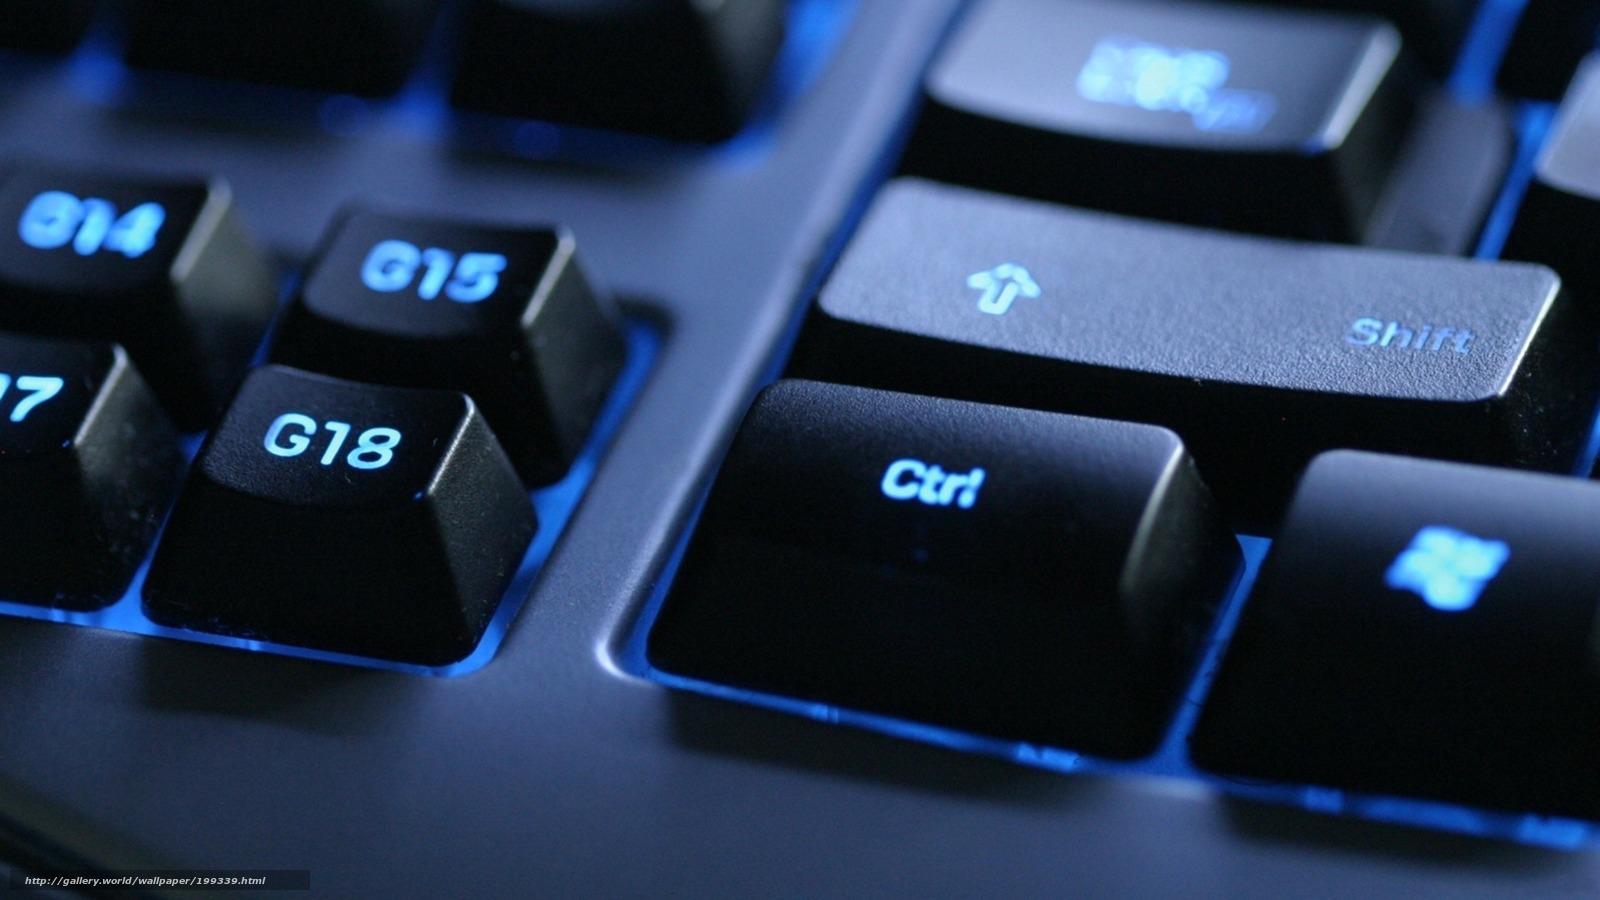 壁紙をダウンロード 雑集 黒 キーボード ボタン デスクトップの解像度のための無料壁紙 19x1080 絵